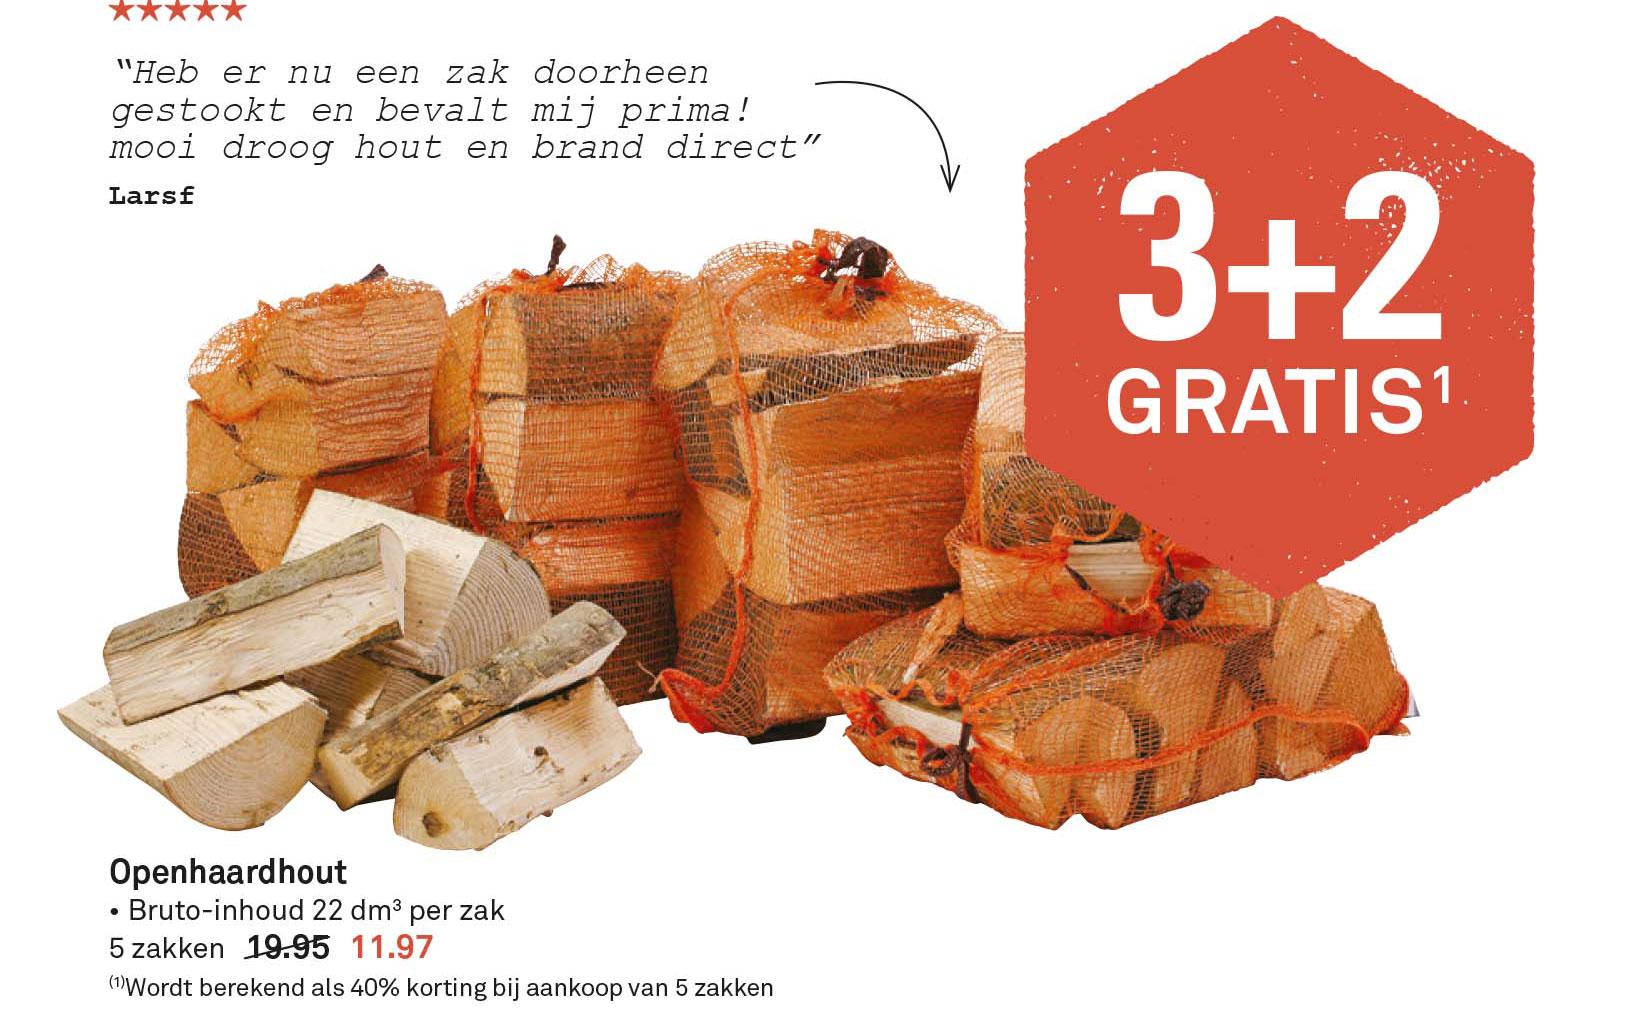 Karwei Openhaardhout: 3+2 Gratis